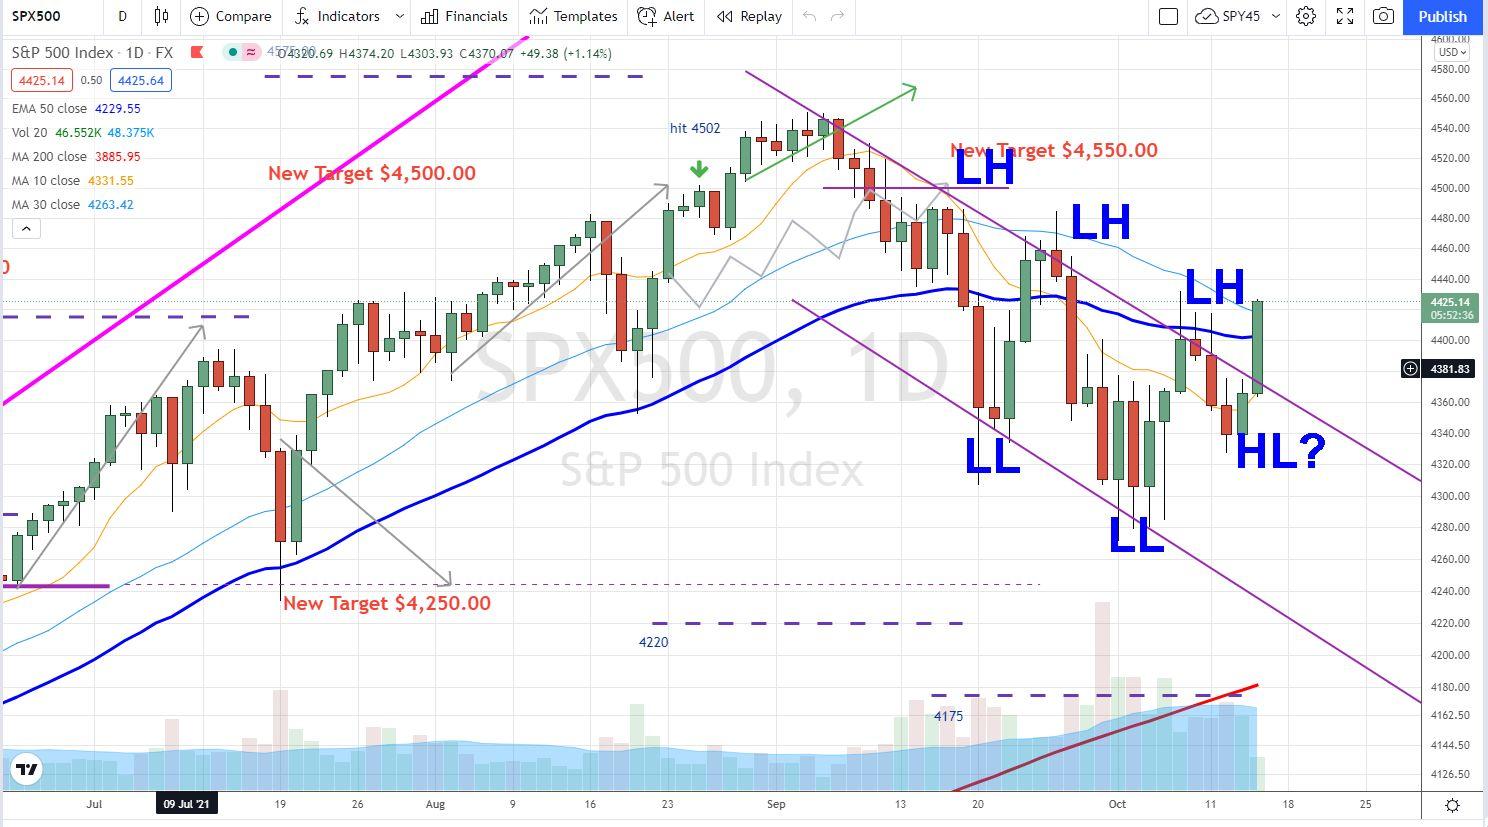 S&P 500 buy the dip